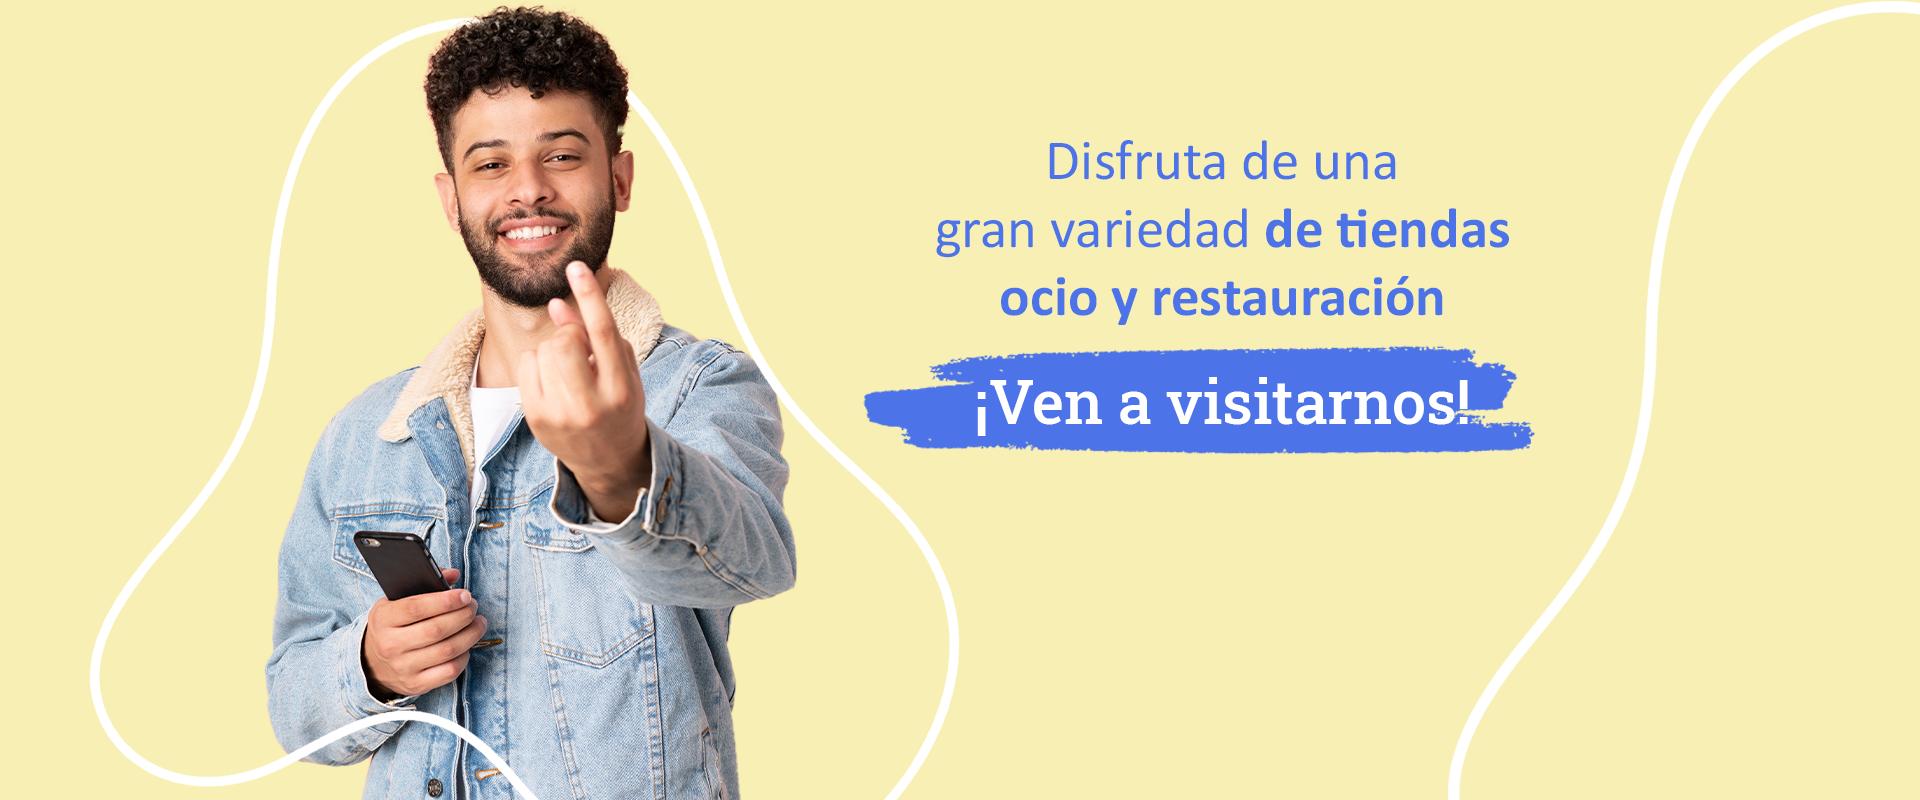 lamareta.es